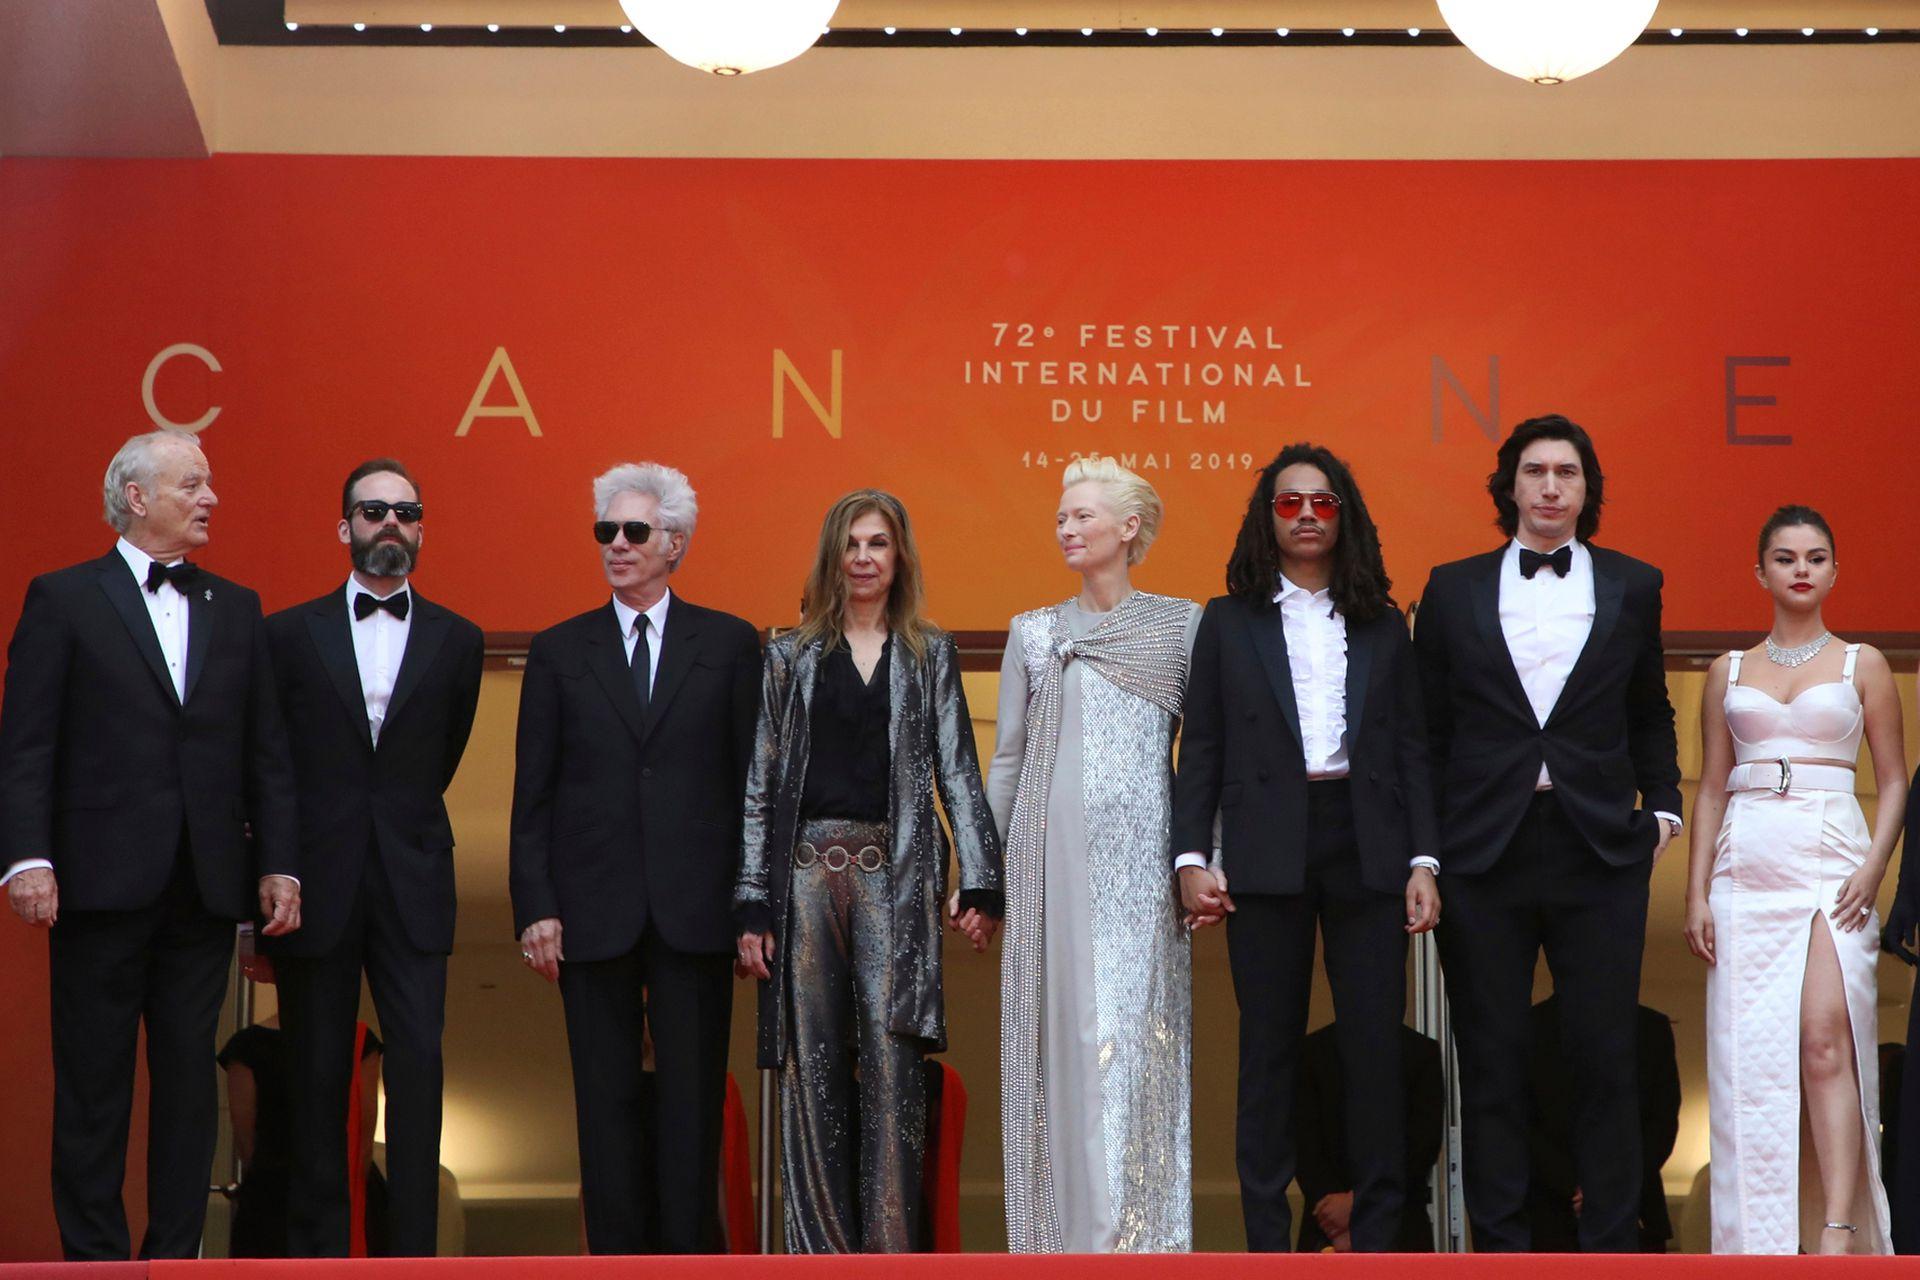 Los looks de la alfombra roja del Festival de Cannes